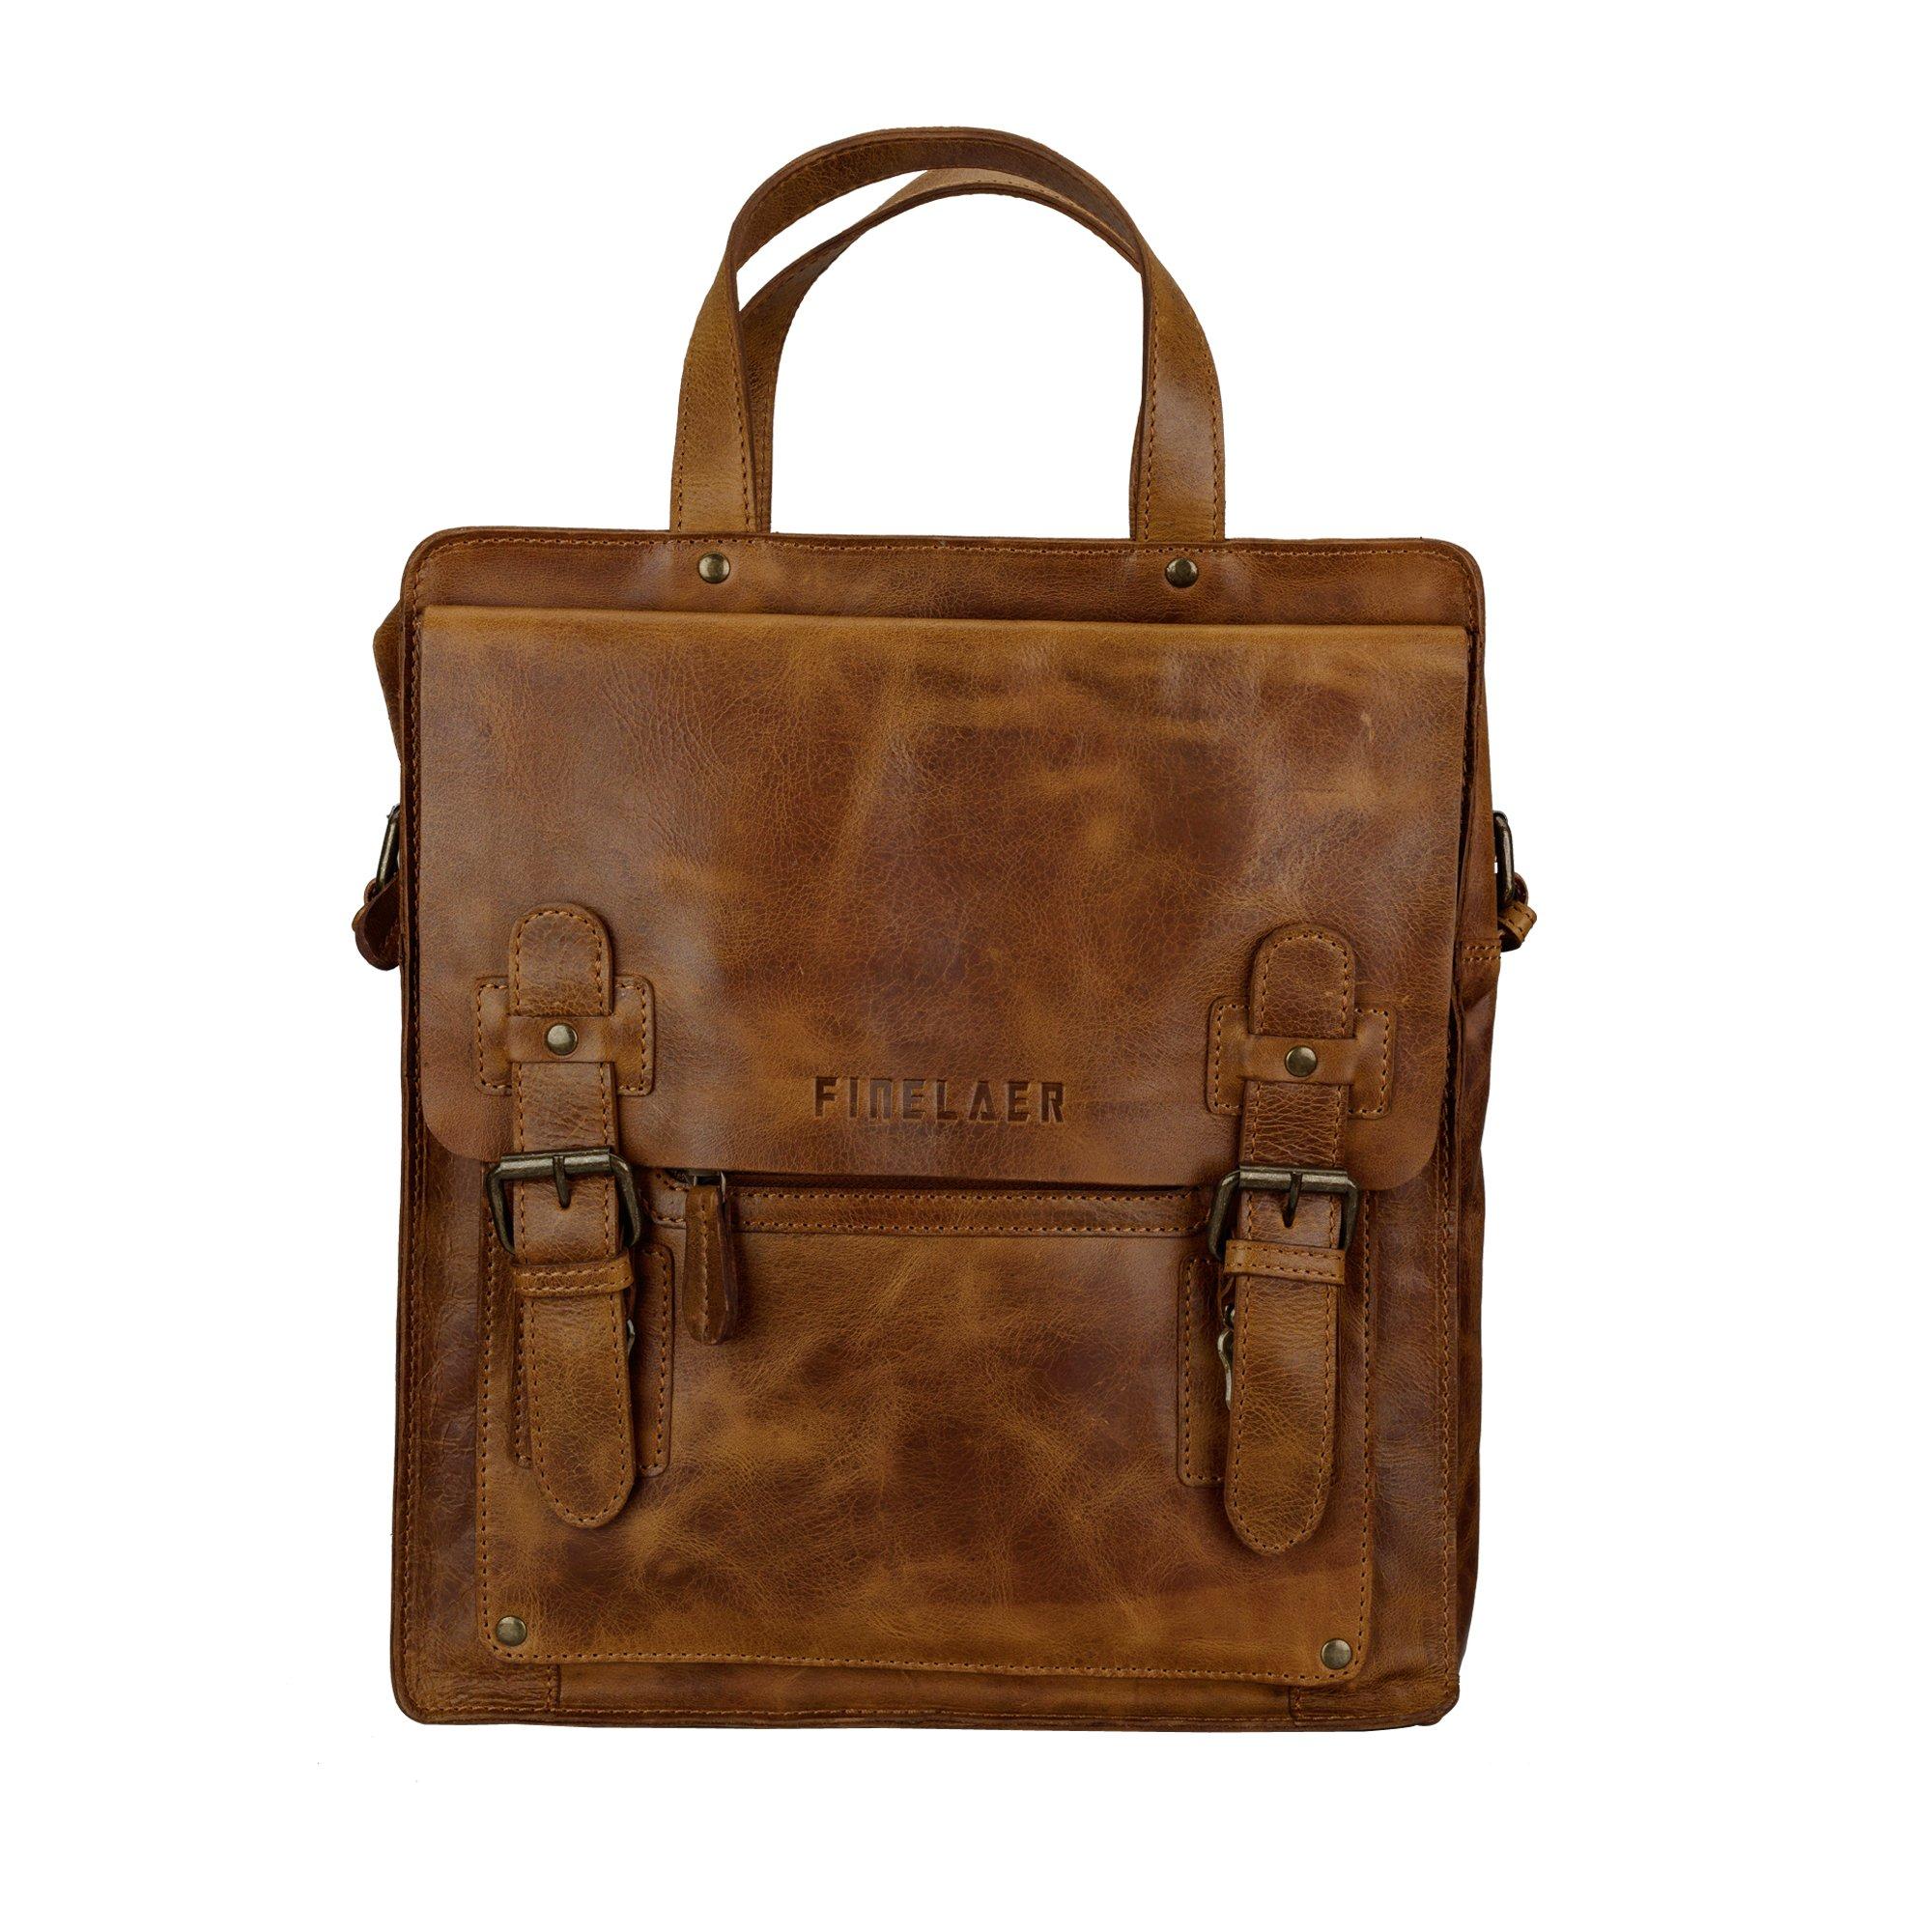 Finelaer Leather Crossbody Bag Purse Tote Shoulder Messenger Bag Bgs for Men Women Brown